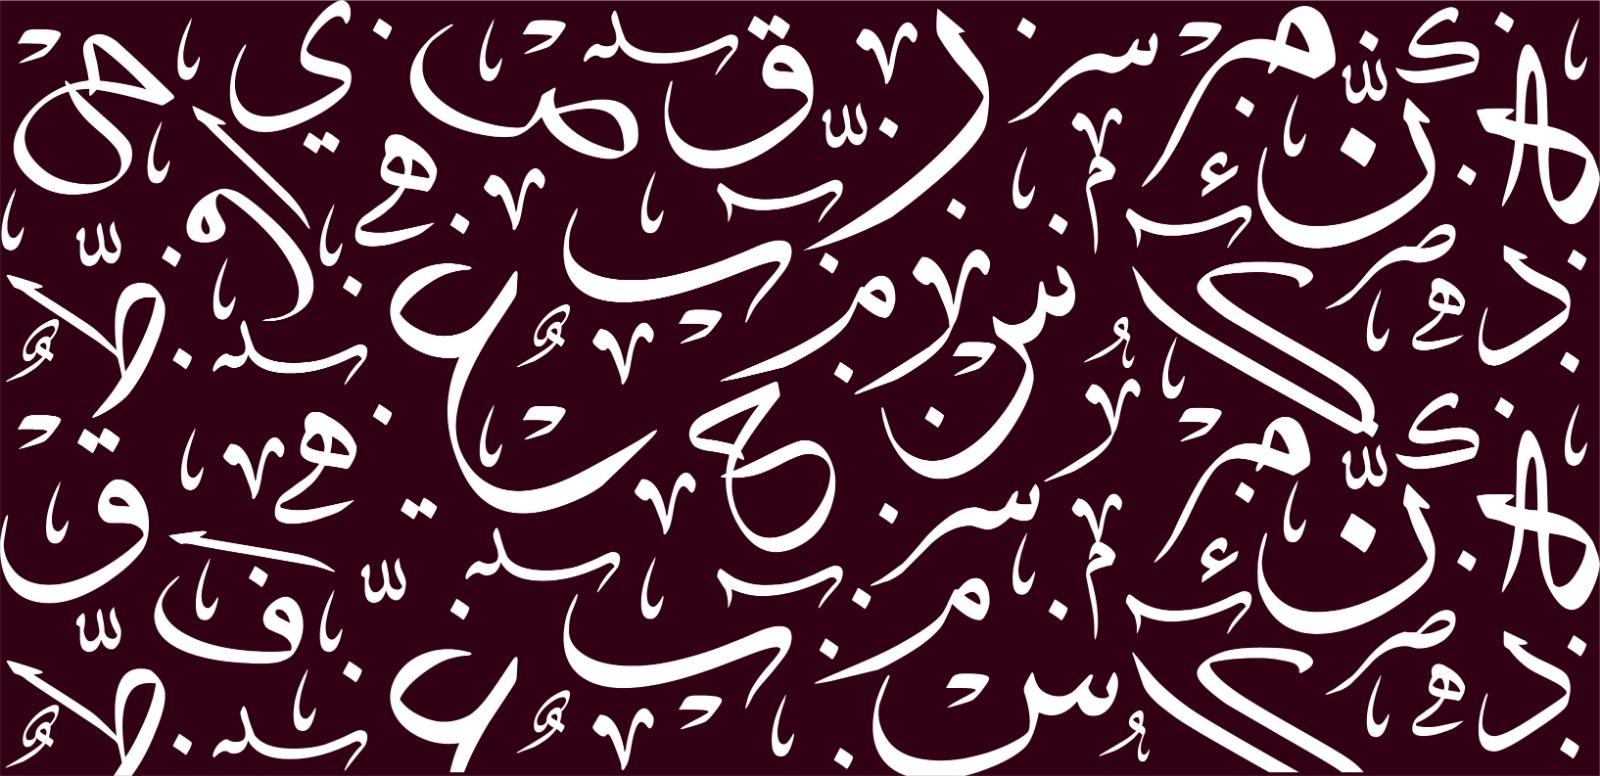 دورة العربية لغير الناطقين بها